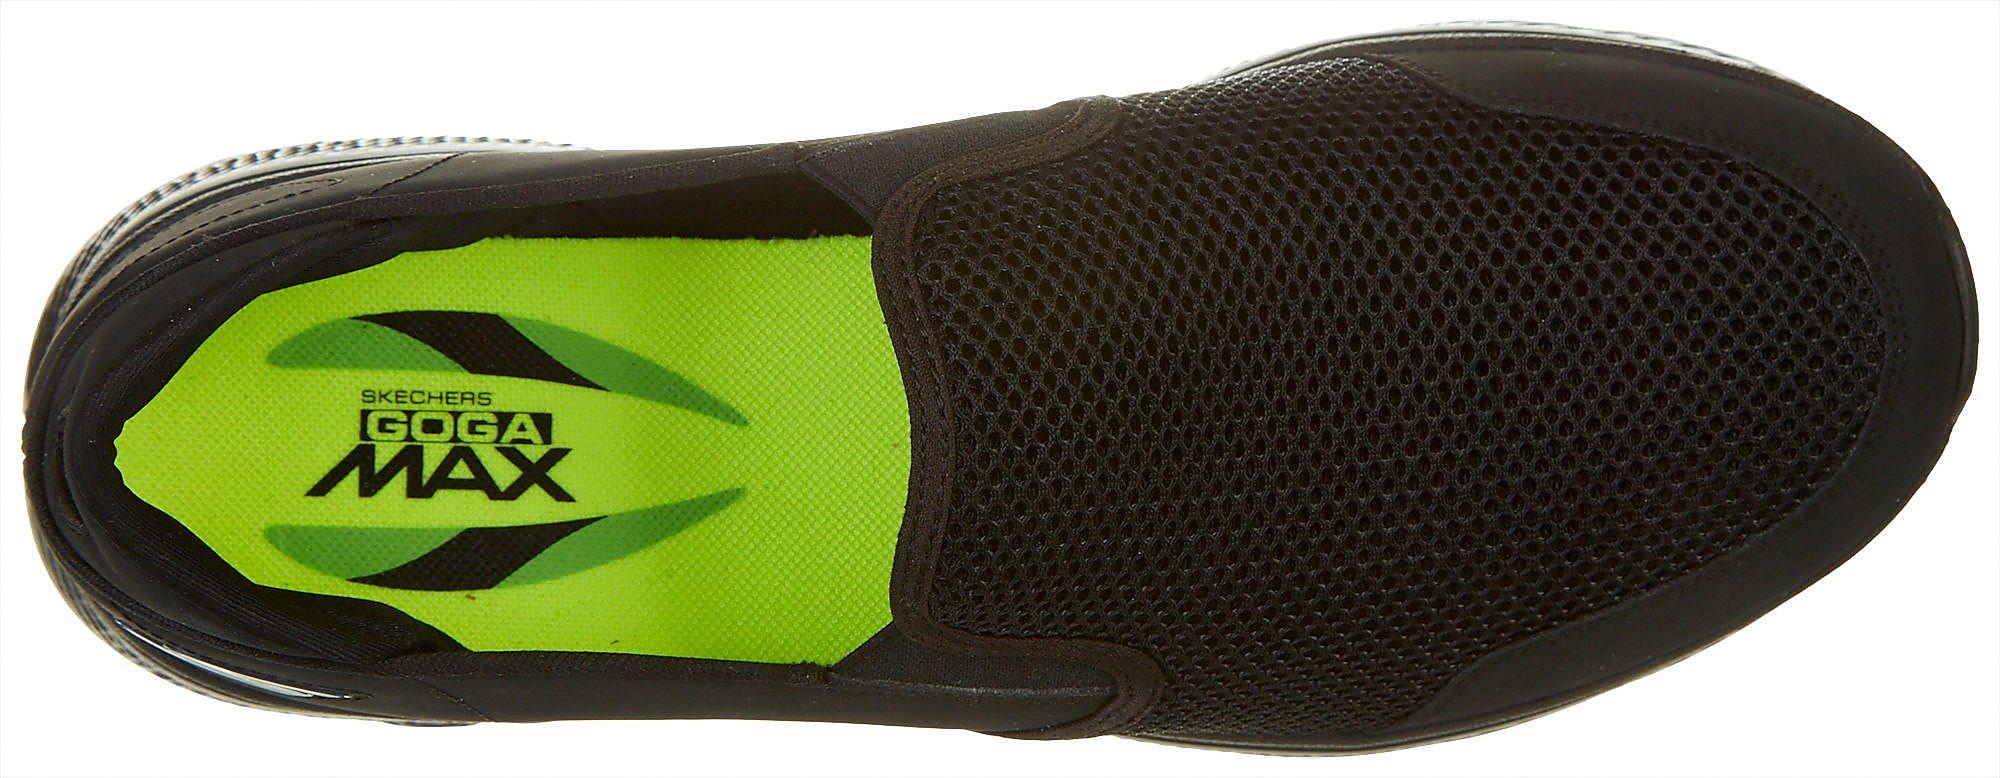 Mens Gowalk Shoes Capture Skechers Athletic 4 0dqfpHw